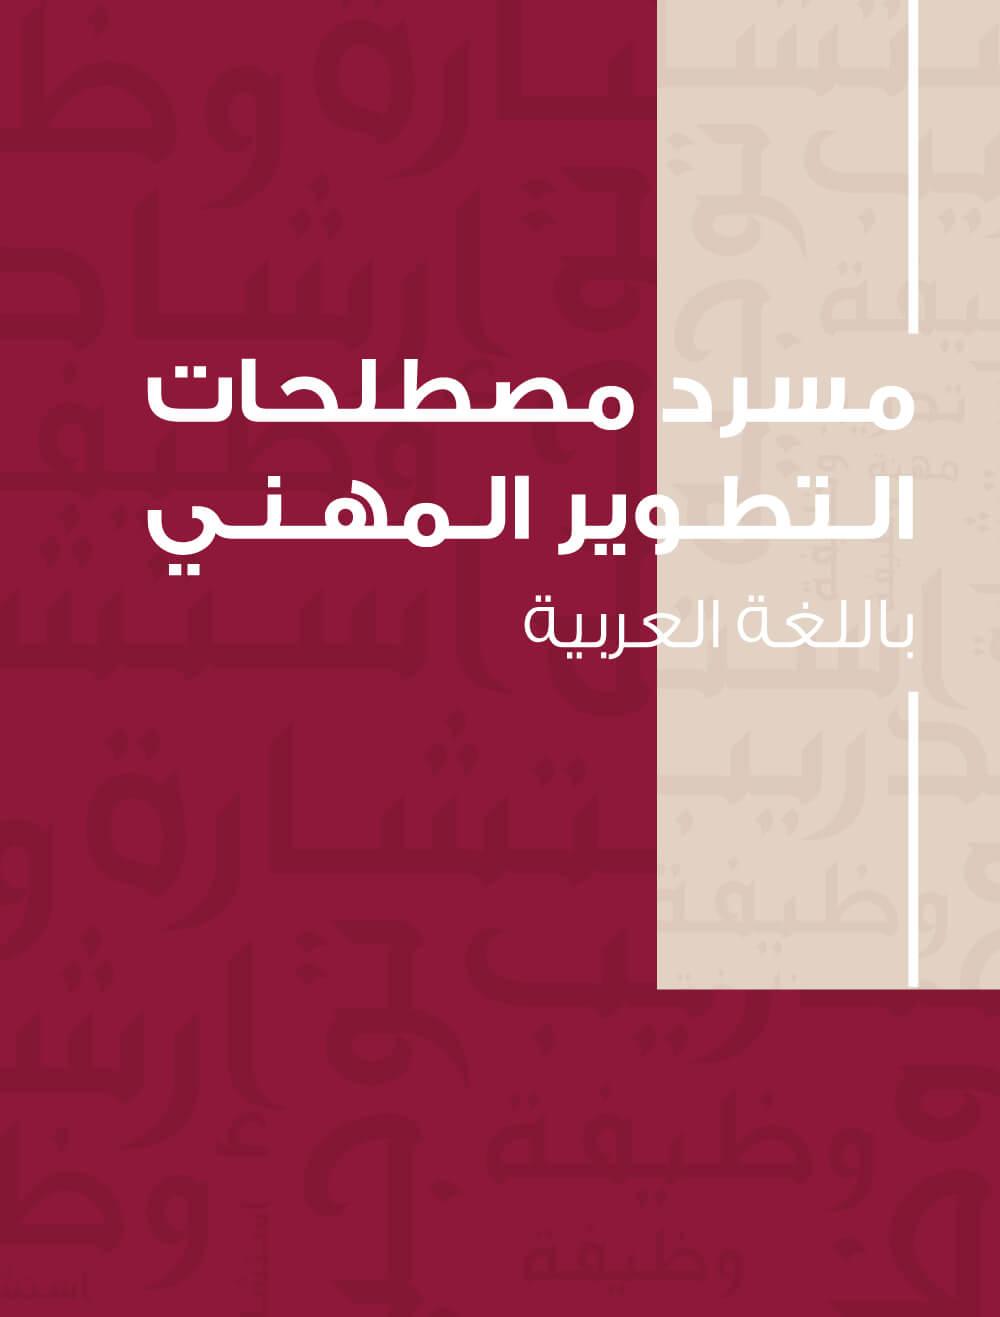 مسرد مصطلحات التطوير المهني.PDF